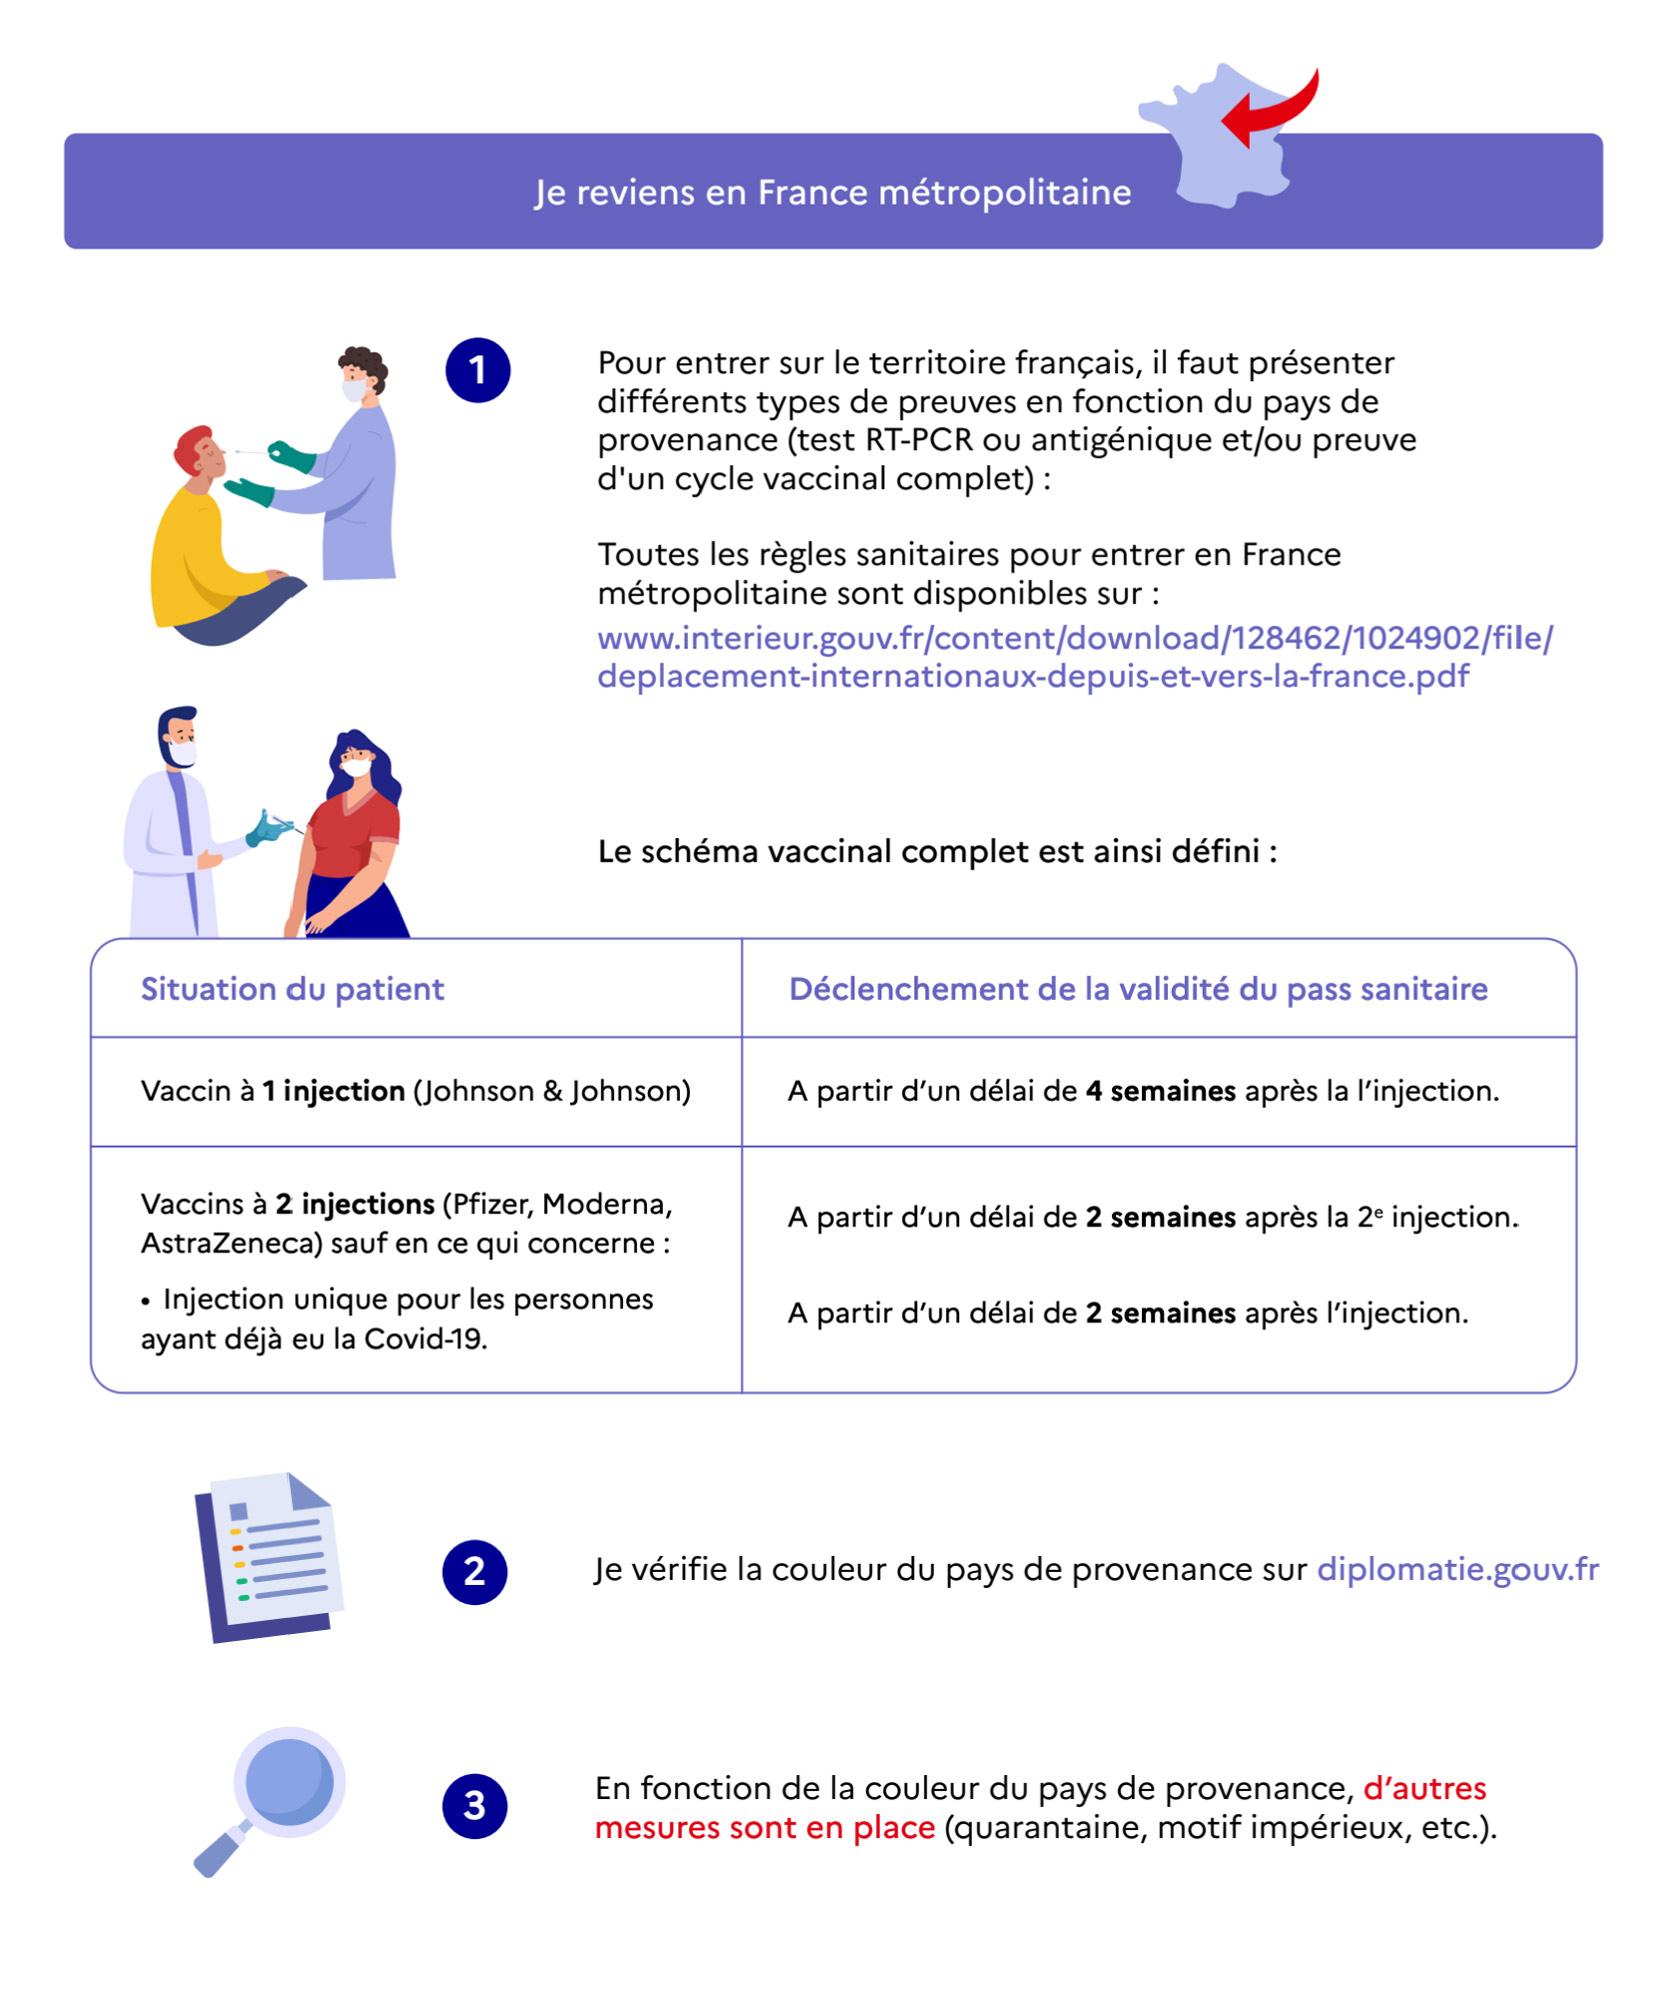 Illustration pass sanitaire européen : je reviens en France